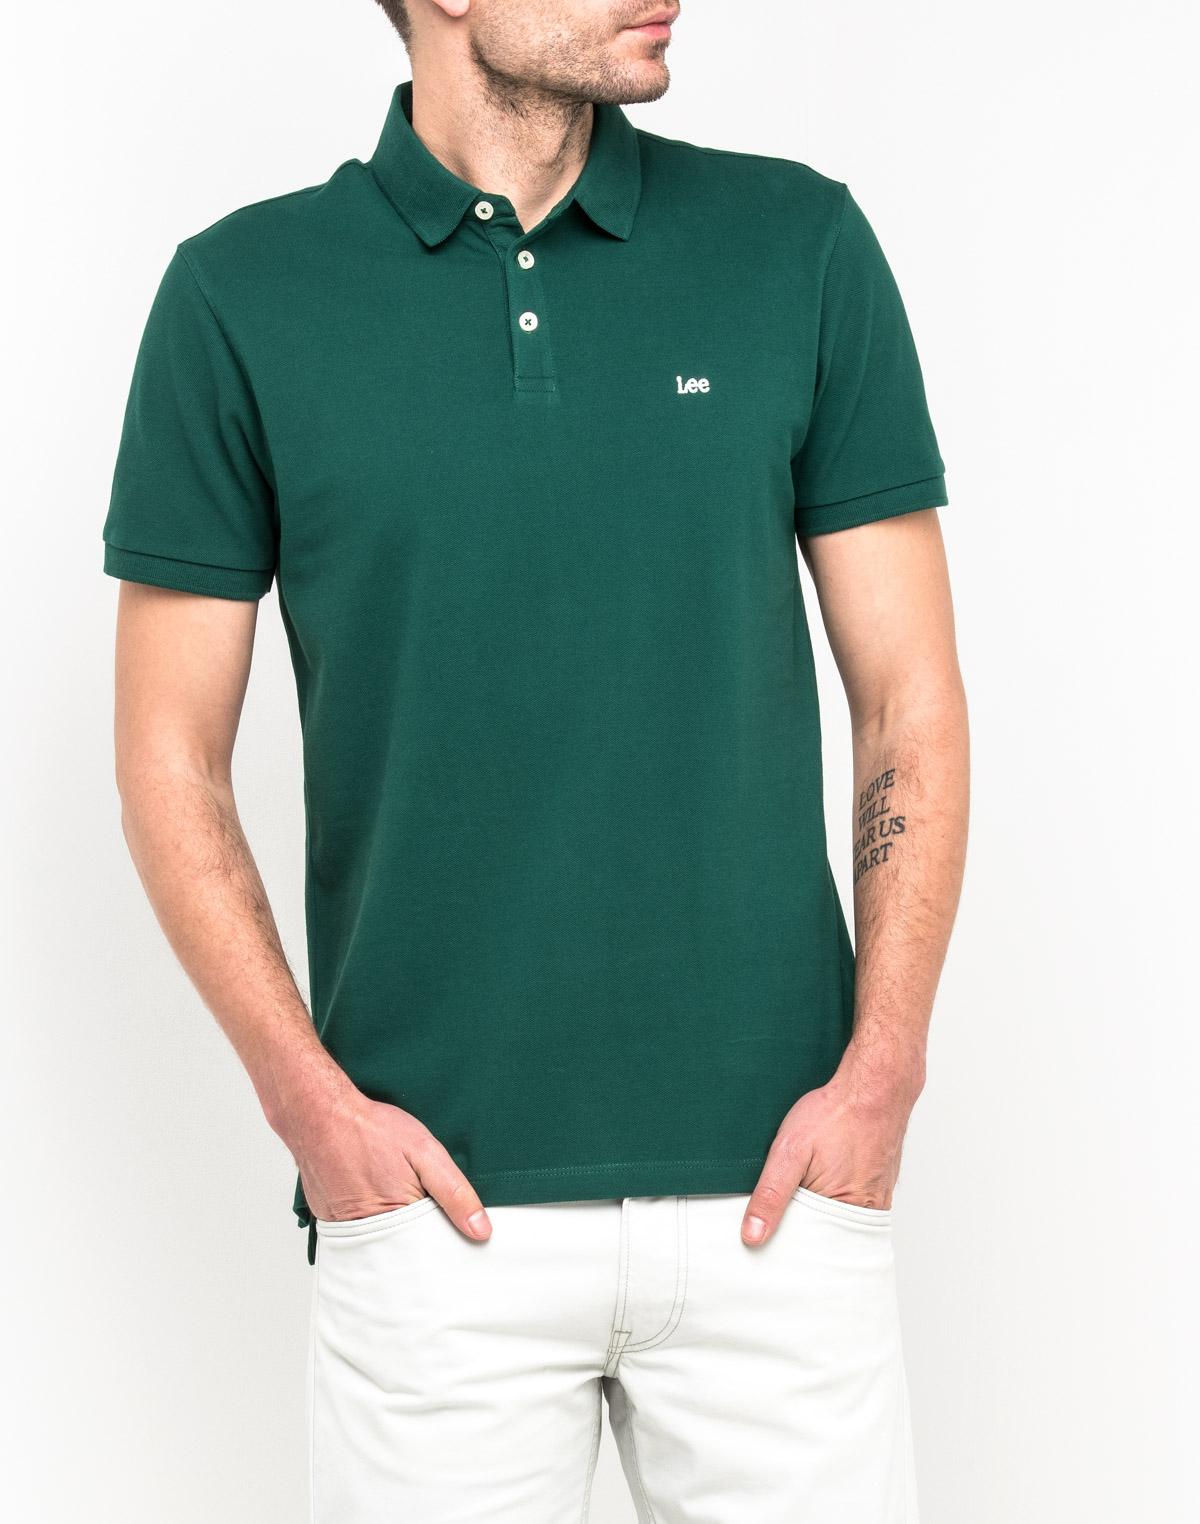 Поло мужское Lee, цвет: зеленый. L62XRLEB. Размер XXL (54)L62XRLEBСтильная мужская футболка-поло Lee, выполненная из натурального хлопка, обладает высокой теплопроводностью, воздухопроницаемостью и гигроскопичностью, позволяет коже дышать. Модель с короткими рукавами и отложным воротником сверху застегивается на три пуговицы. По бокам предусмотрены небольшие разрезы. На груди изделие оформлено вышитым названием бренда. Классический покрой, лаконичный дизайн, безукоризненное качество. В такой футболке вы будете чувствовать себя уверенно и комфортно.